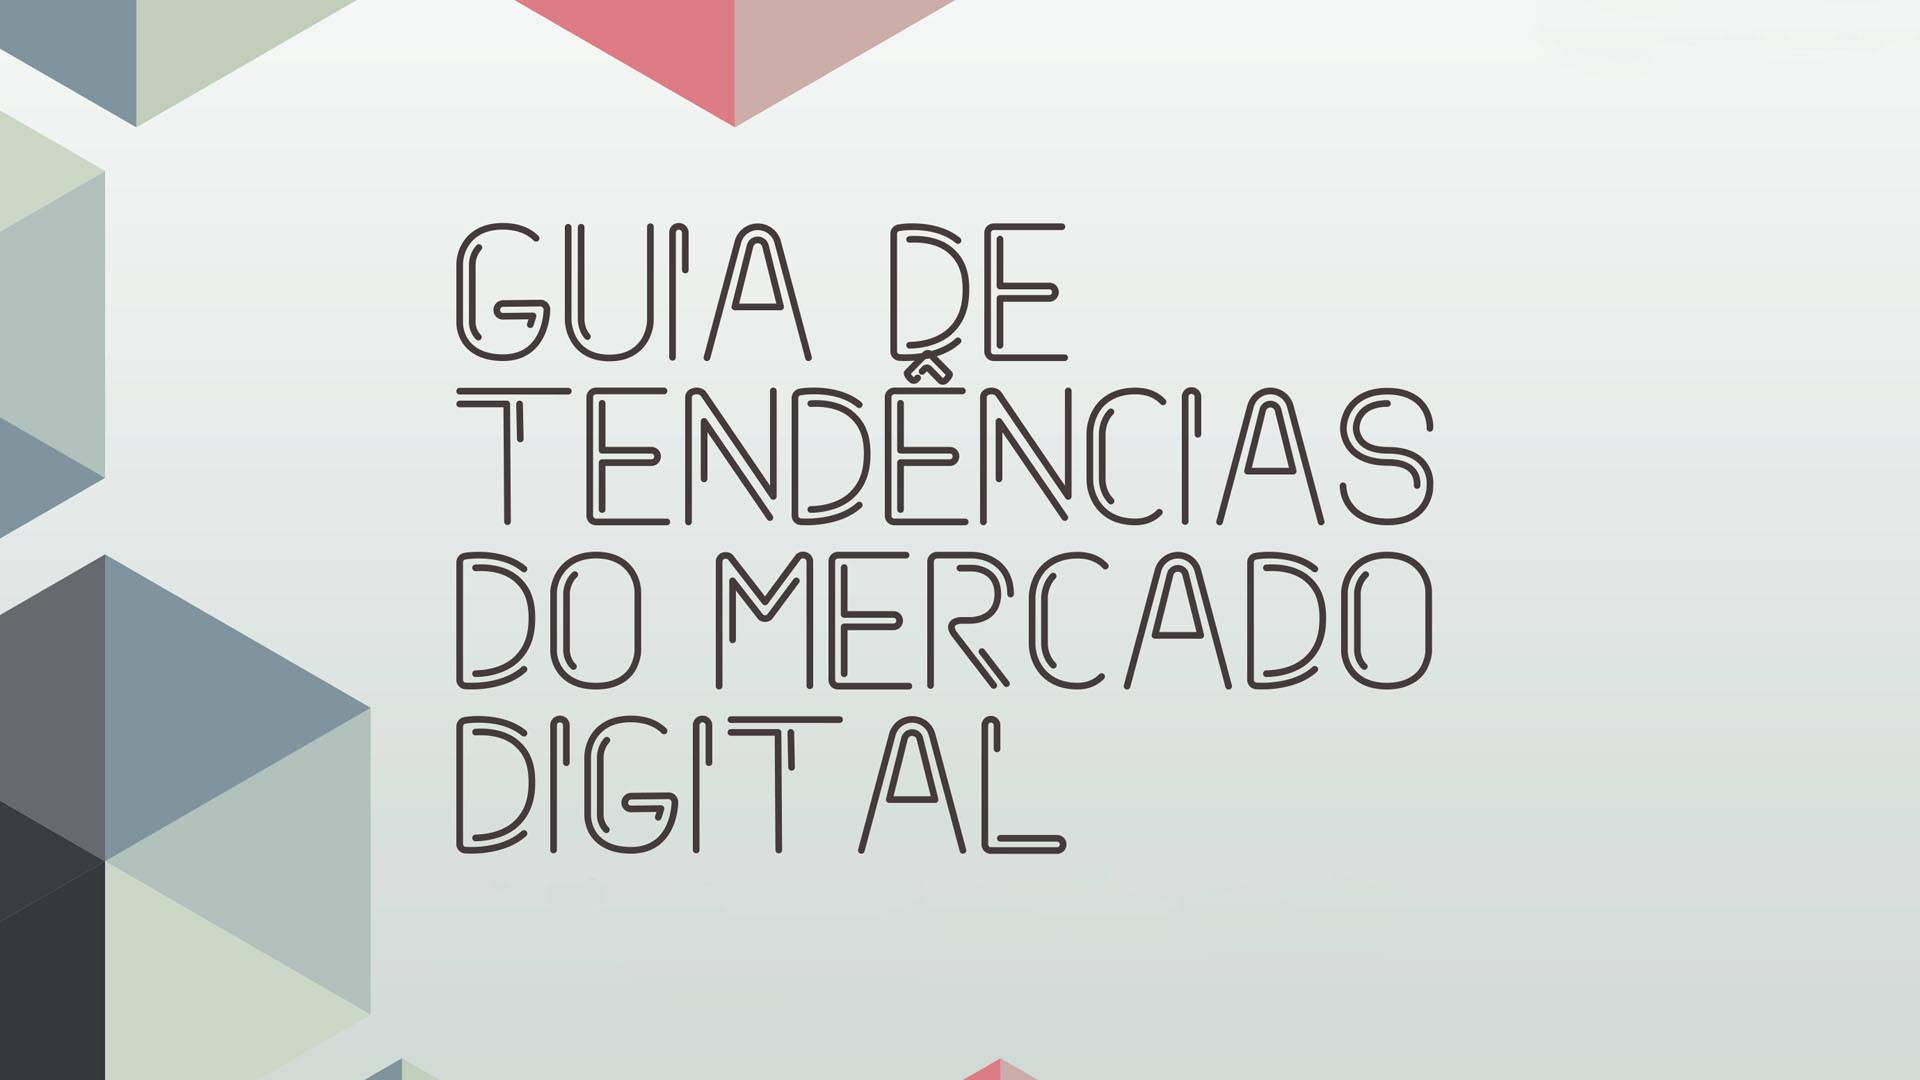 Ilustração sobre o Guia de Tendências do Mercado Digital